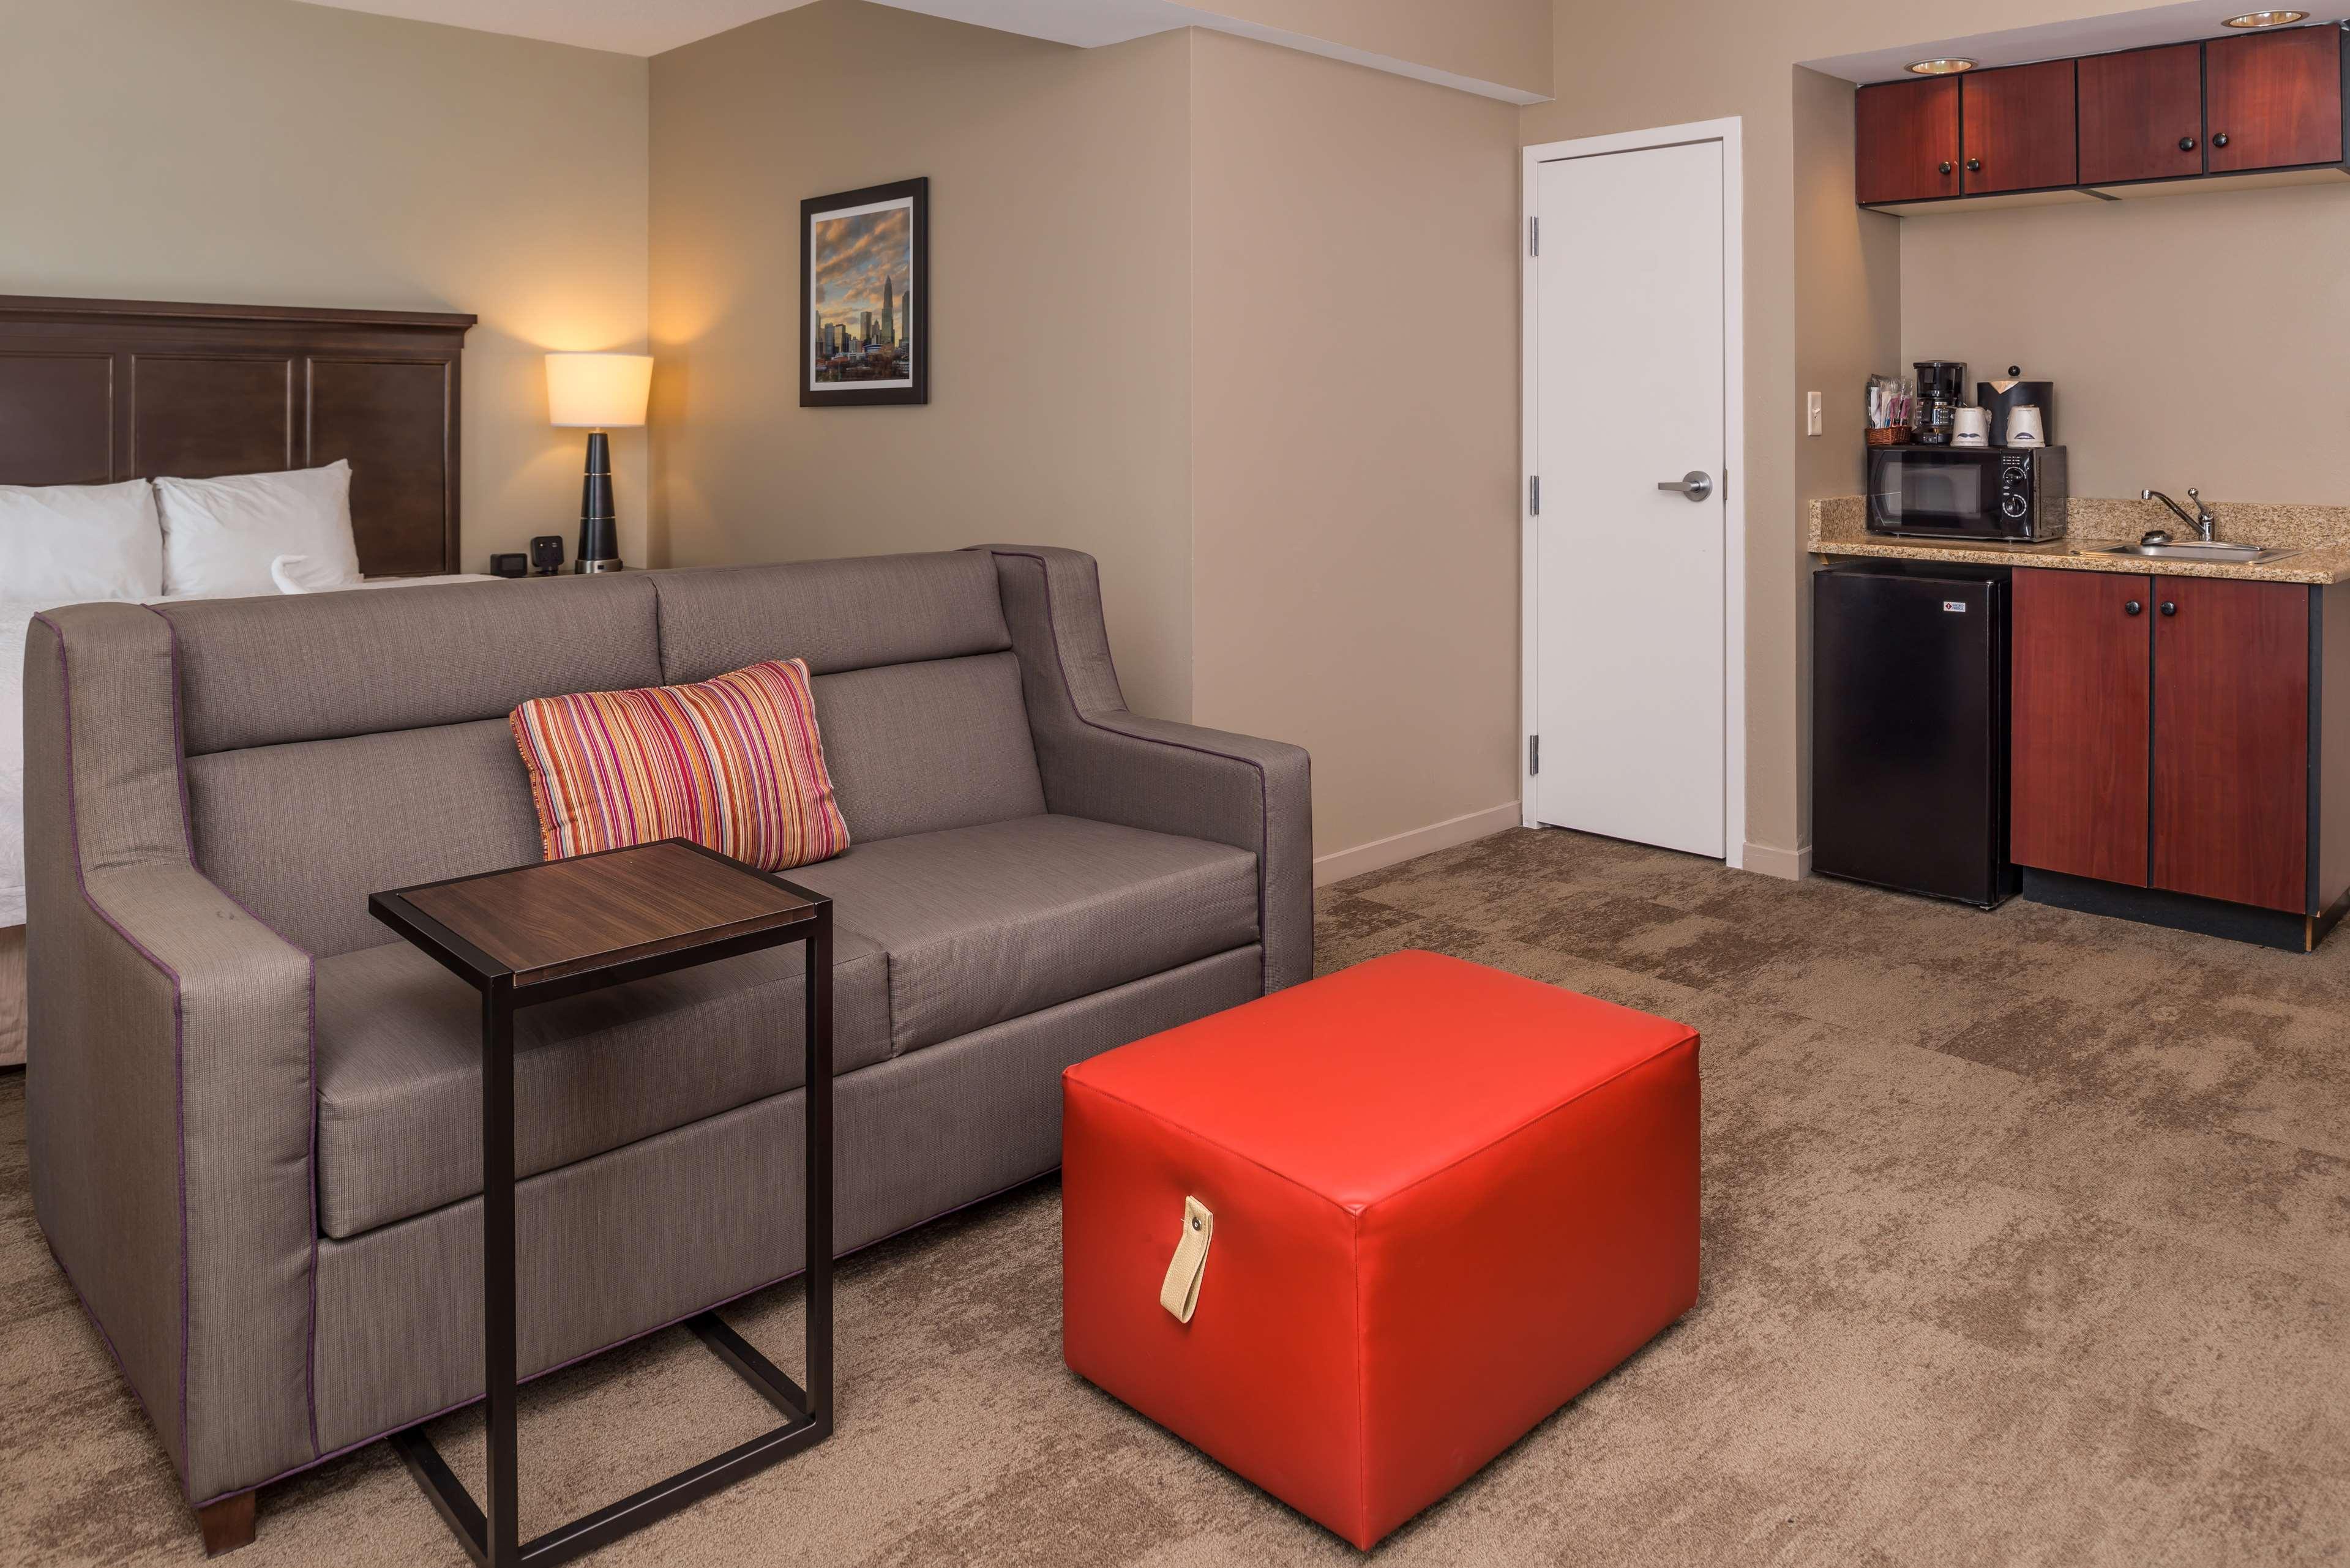 Hampton Inn & Suites Charlotte-Arrowood Rd. image 18